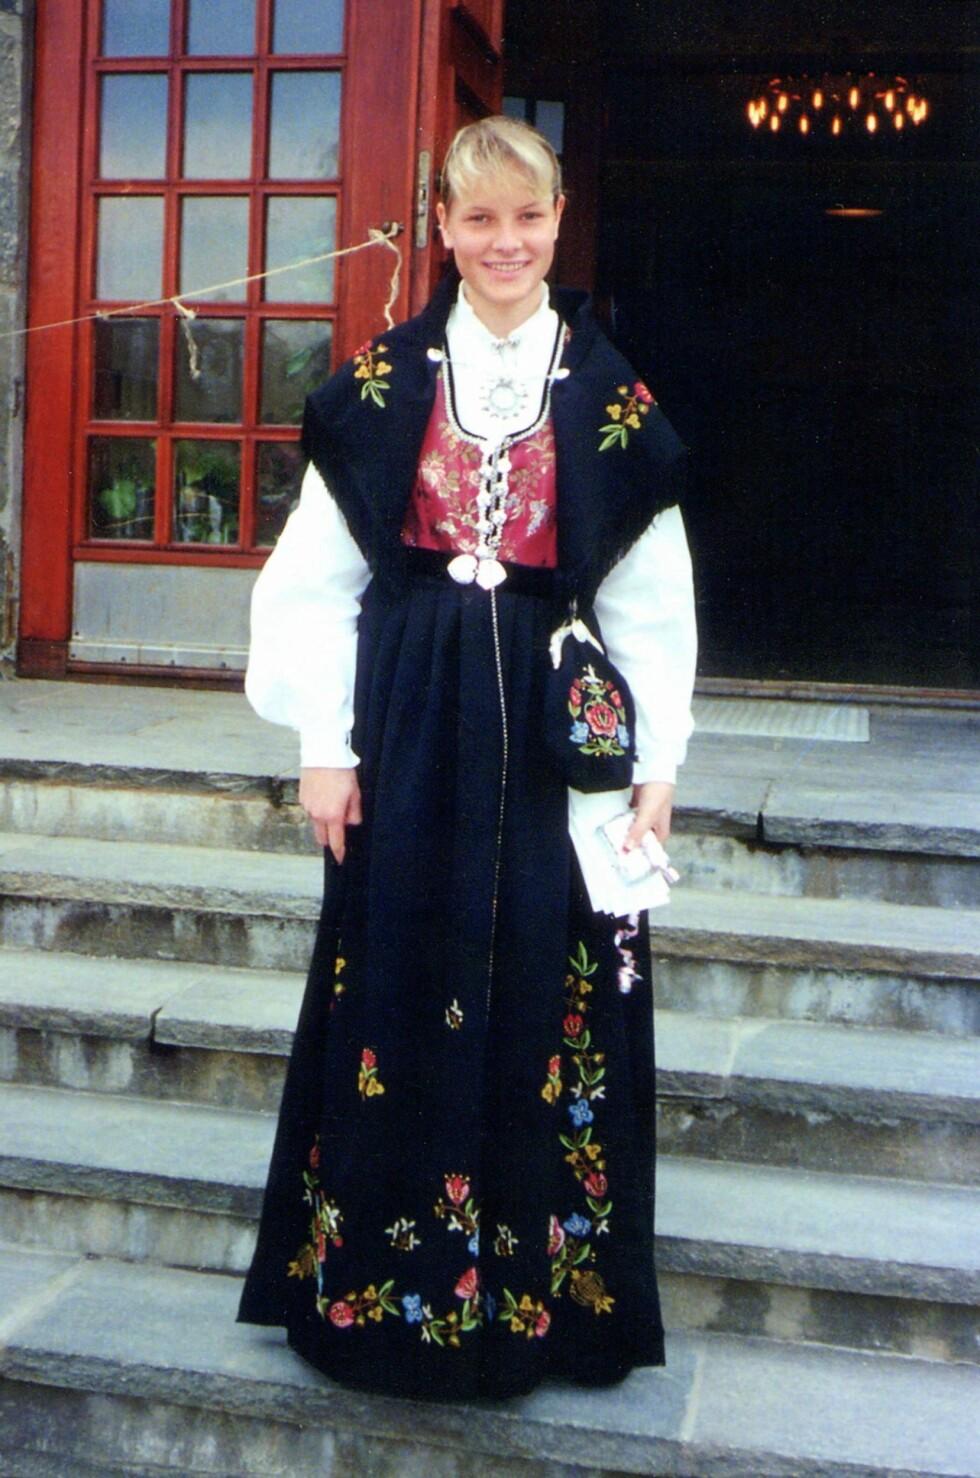 HÅNDBRODERT: Her poserer en stolt Mette-Marit på konfirmasjonsdagen, med gaven som mormor har brodert. Mamma Marit har den samme bunaden.  Foto: All Over Press Norway